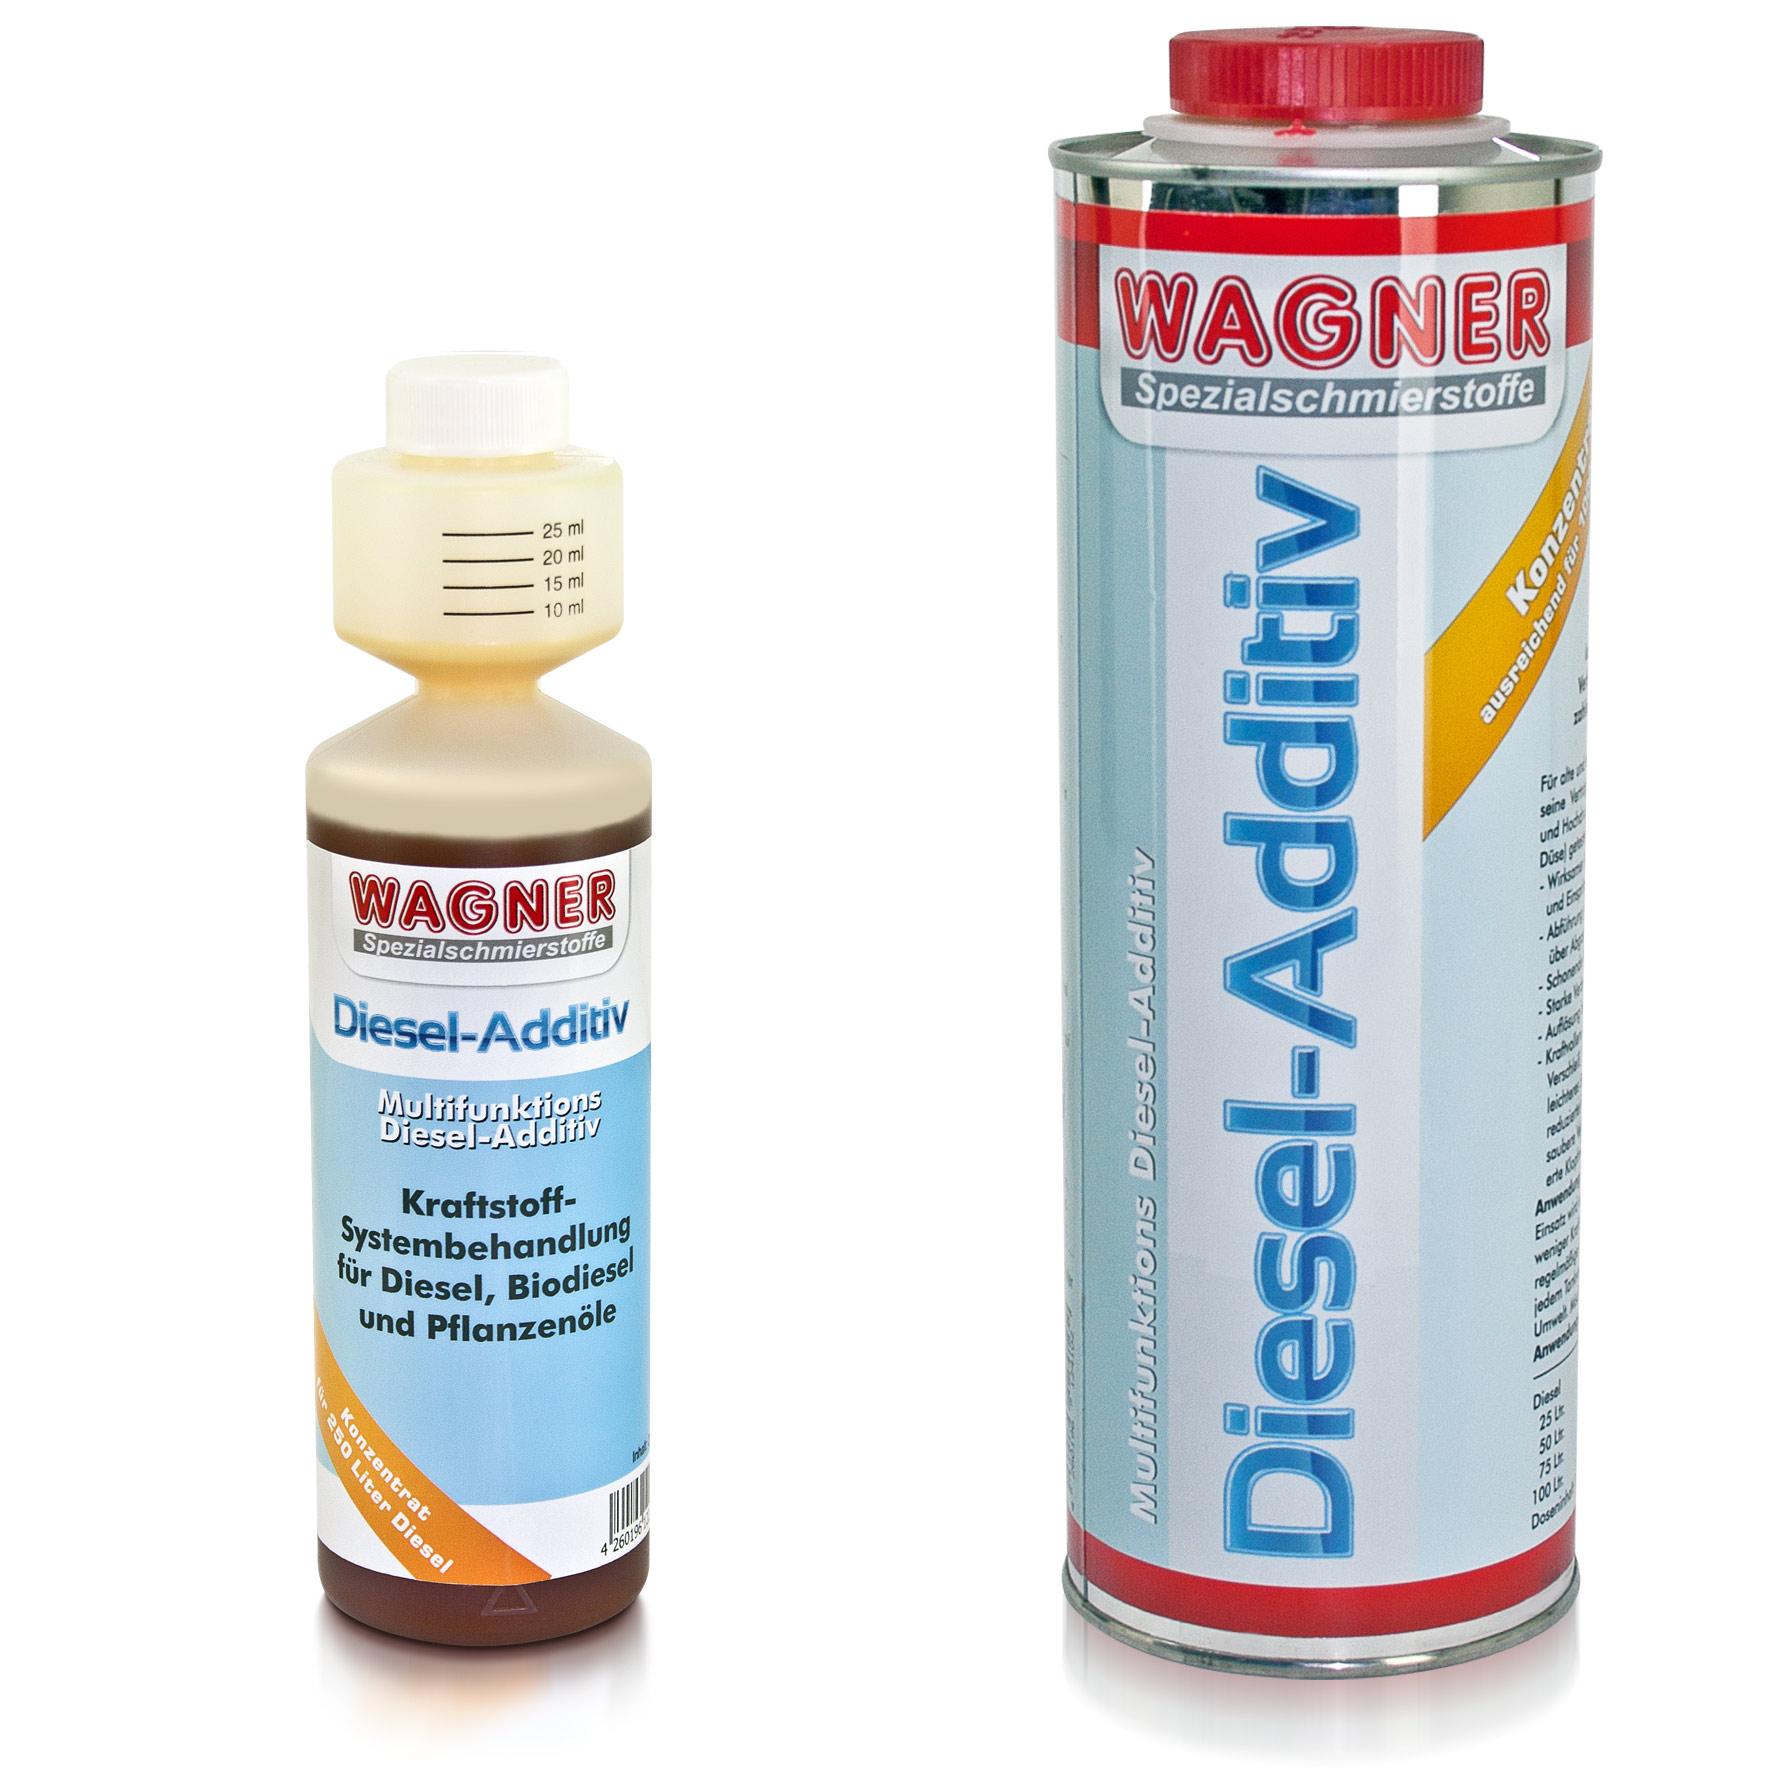 WAGNER Diesel-Additiv, 2- und 4-Takt-Dieselmotoren